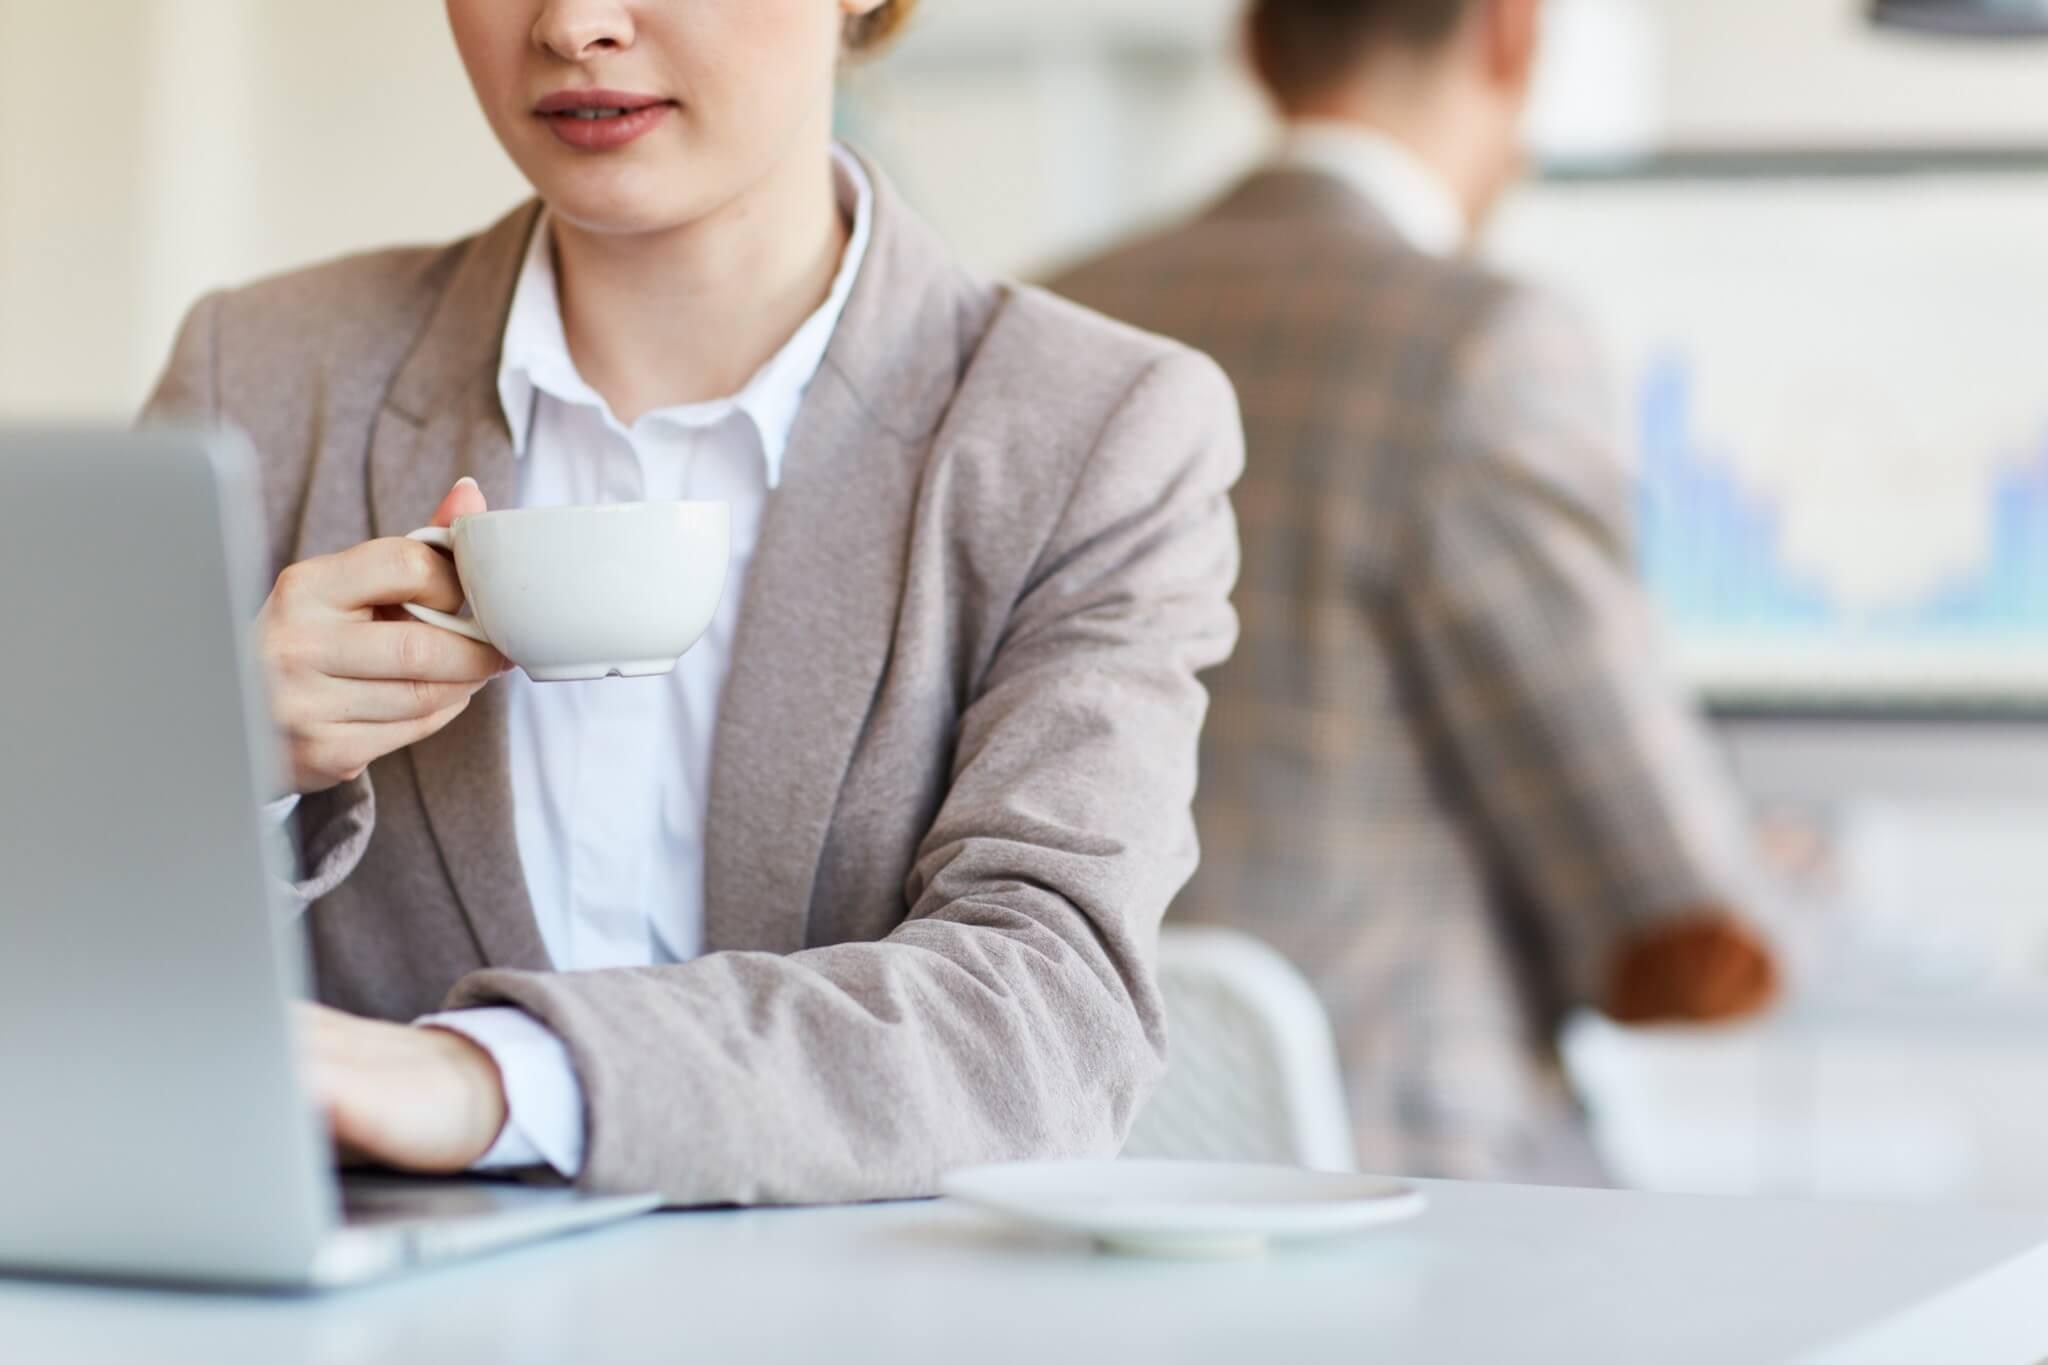 Drikker kaffe på jobben med kollegaer.